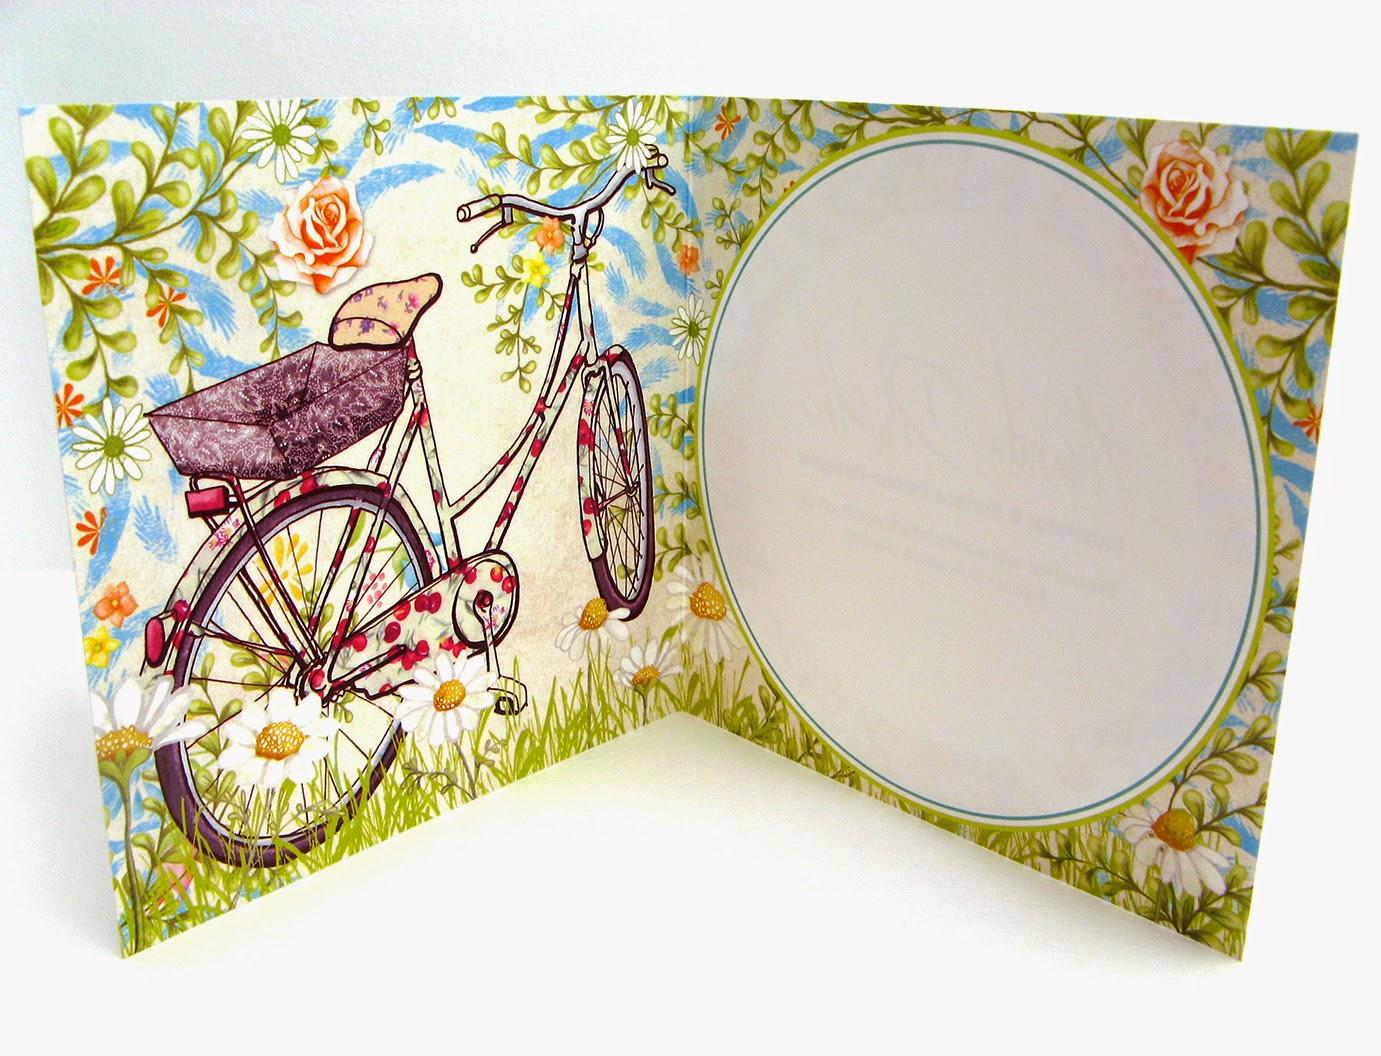 Amanda Dilworth Greetings Cards